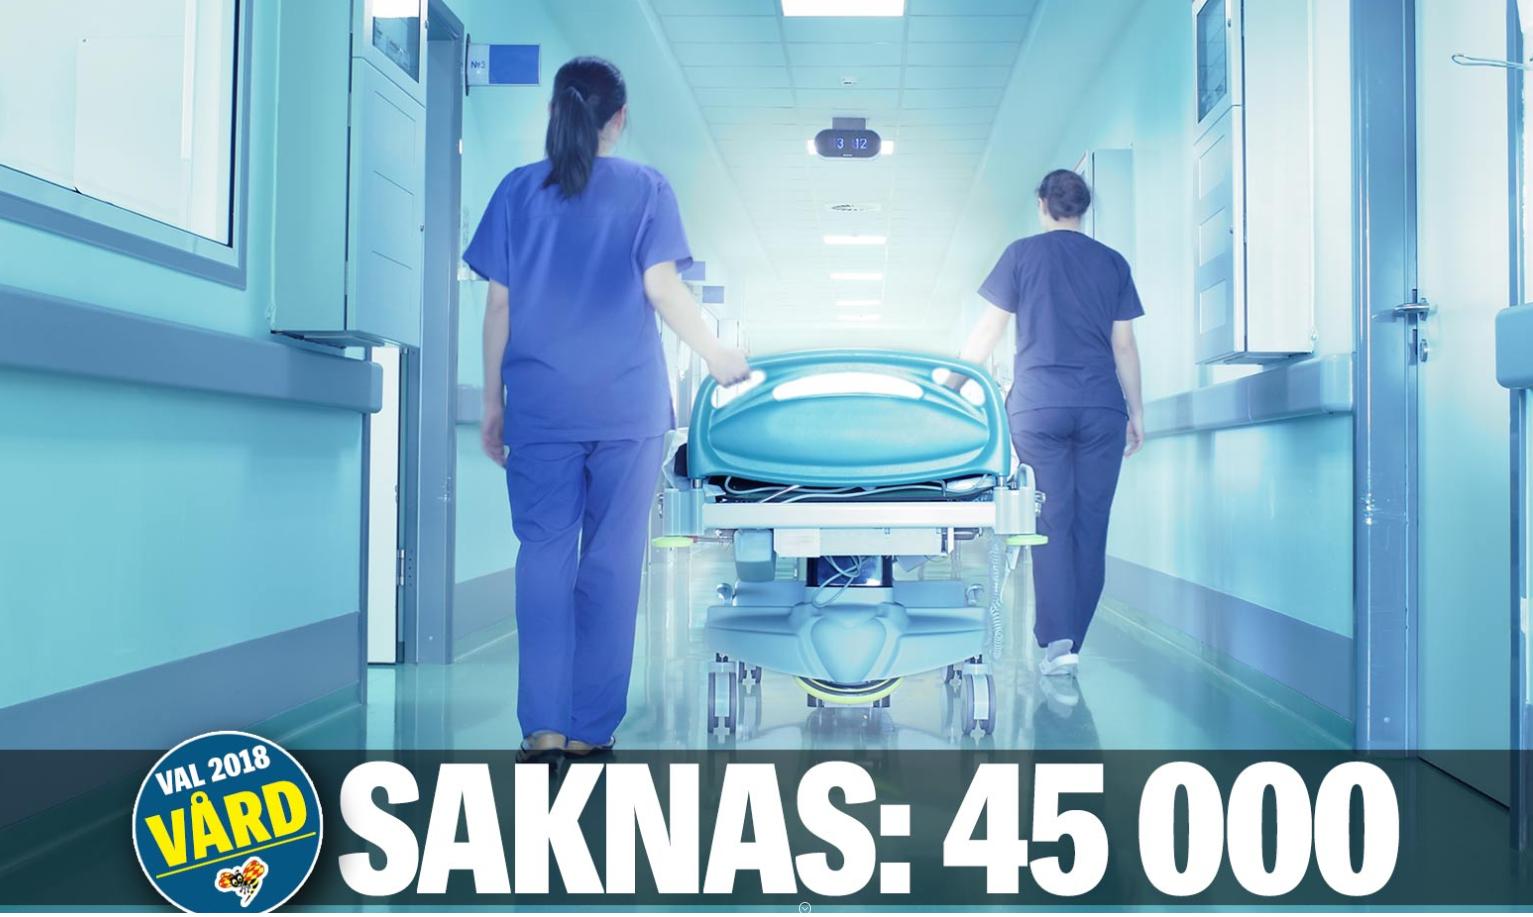 Landstingens fel att 45000 sjuksköterskor saknas.